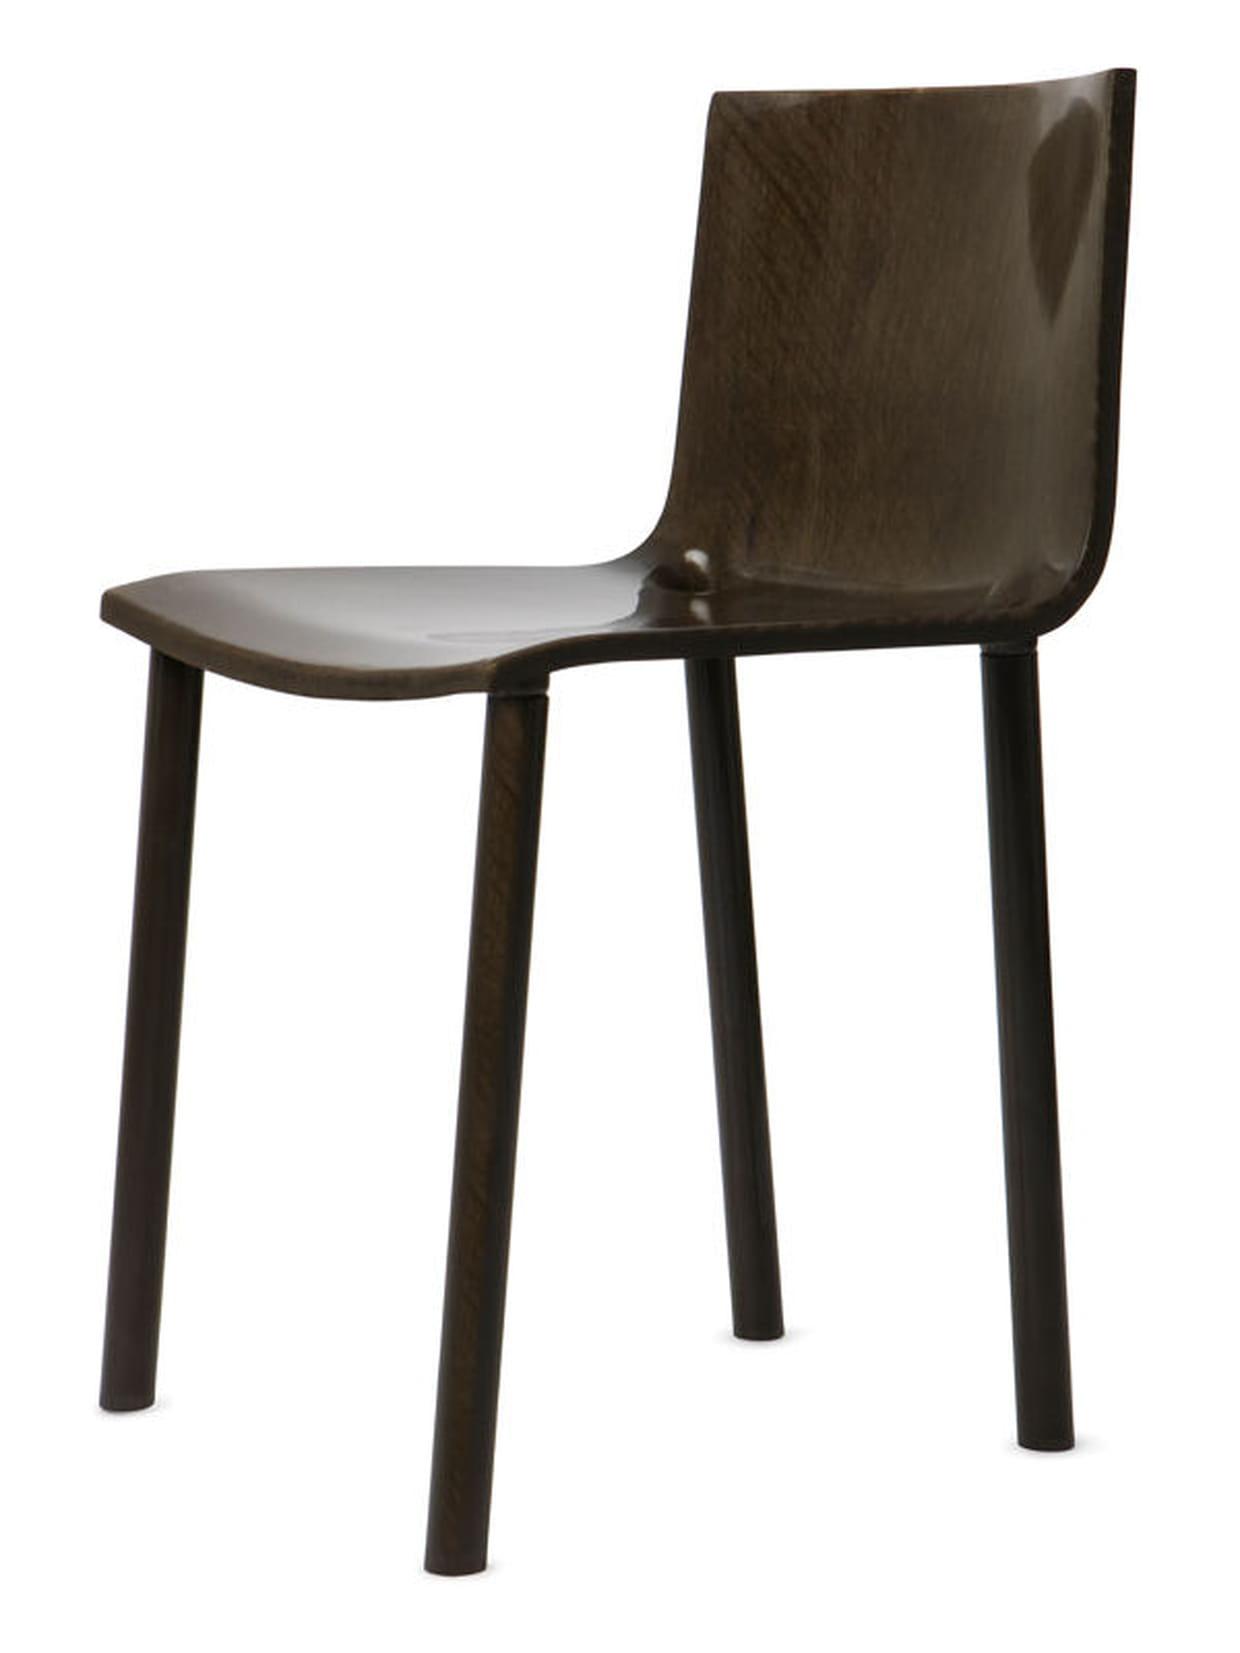 chaise lin 94 de dsc. Black Bedroom Furniture Sets. Home Design Ideas